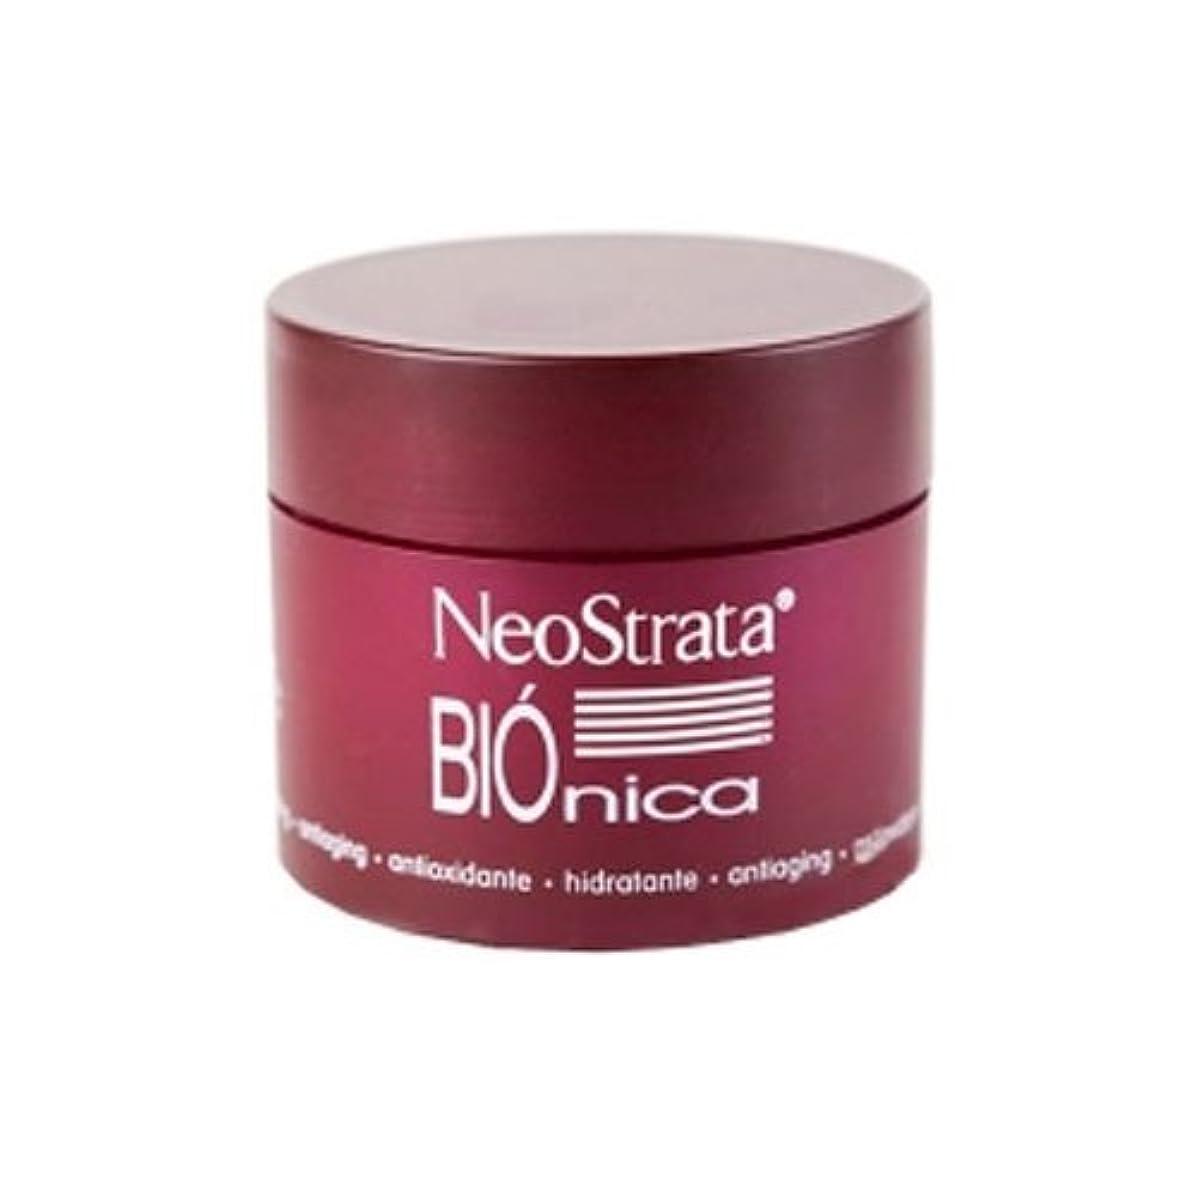 順応性のある肉の偽物Neostrata Bionica Cream 50ml [並行輸入品]